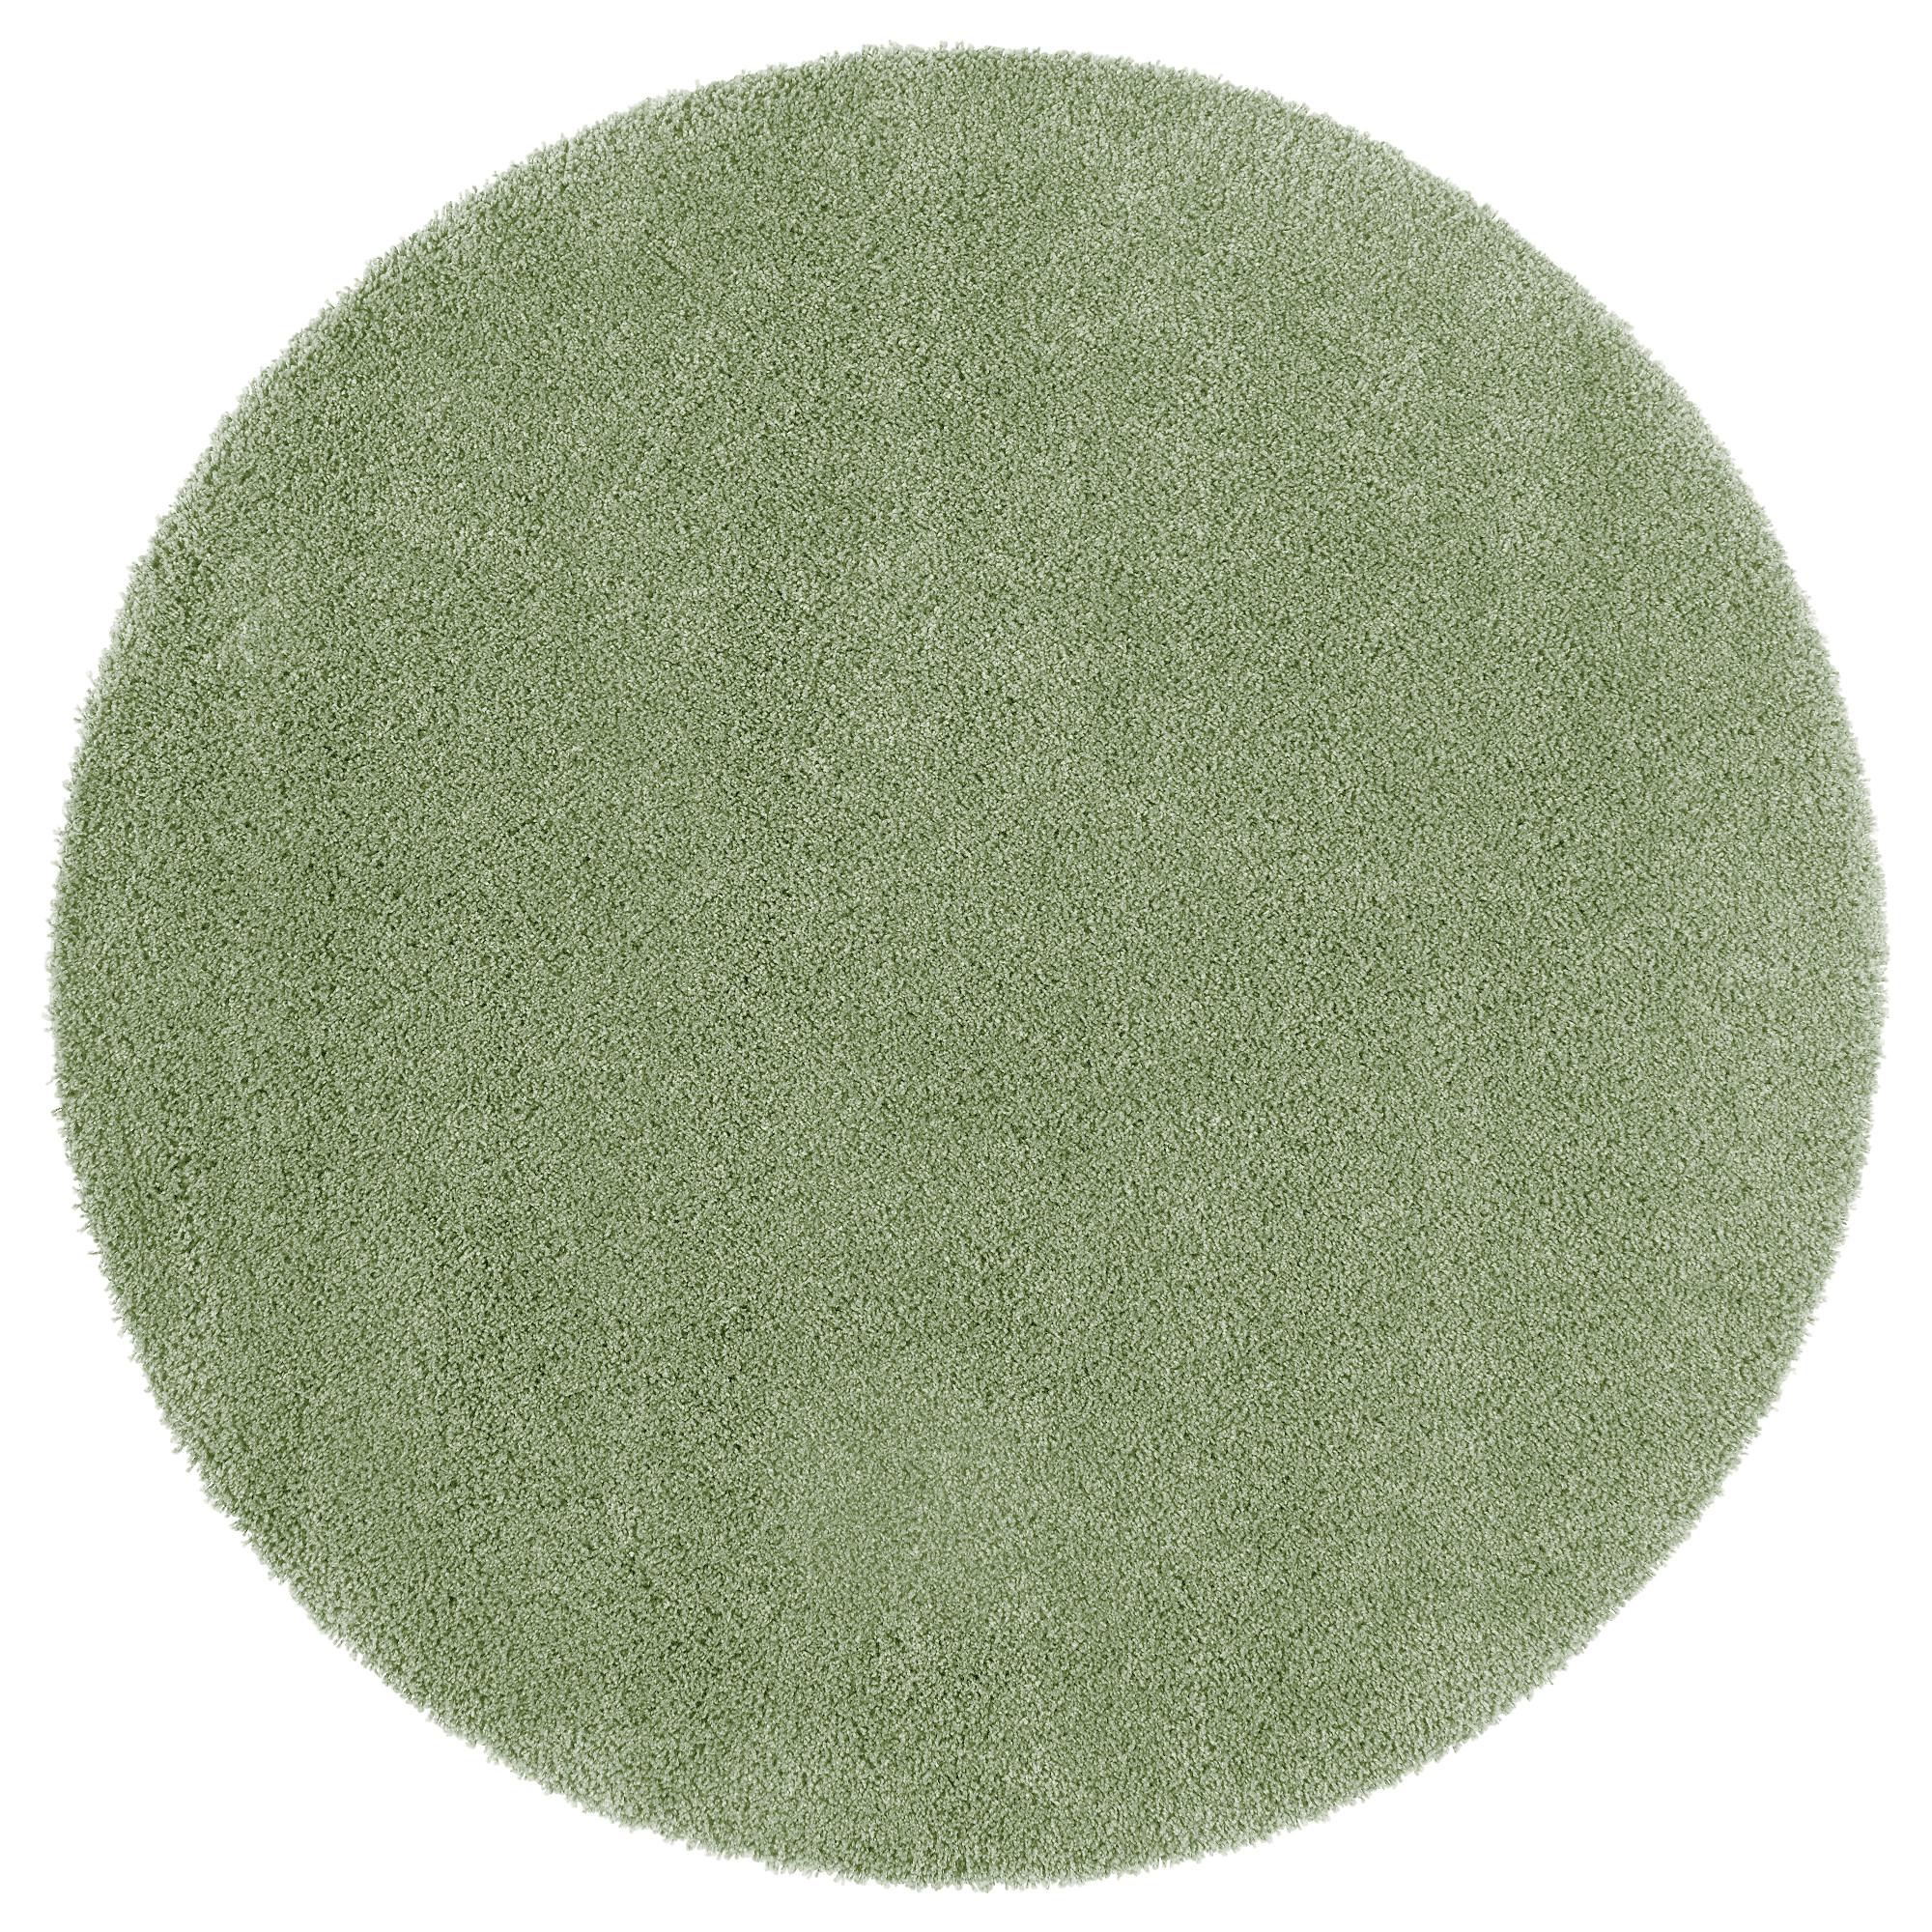 Ковер, длинный ворс ОДУМ светло-зеленый артикуль № 803.709.88 в наличии. Онлайн сайт IKEA Республика Беларусь. Быстрая доставка и соборка.